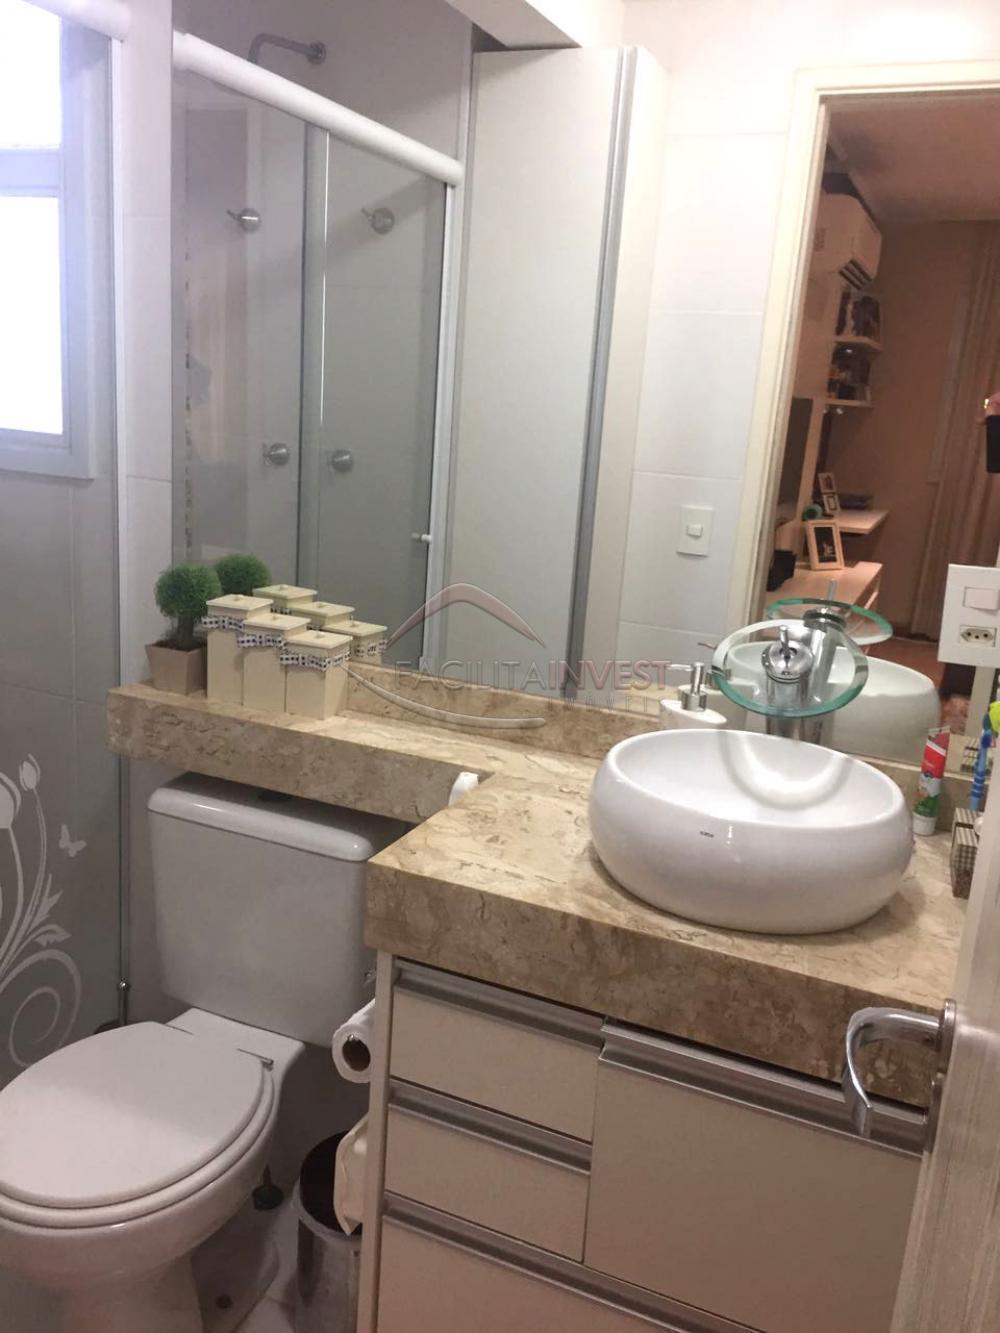 Comprar Apartamentos / Apart. Padrão em Ribeirão Preto apenas R$ 415.000,00 - Foto 13